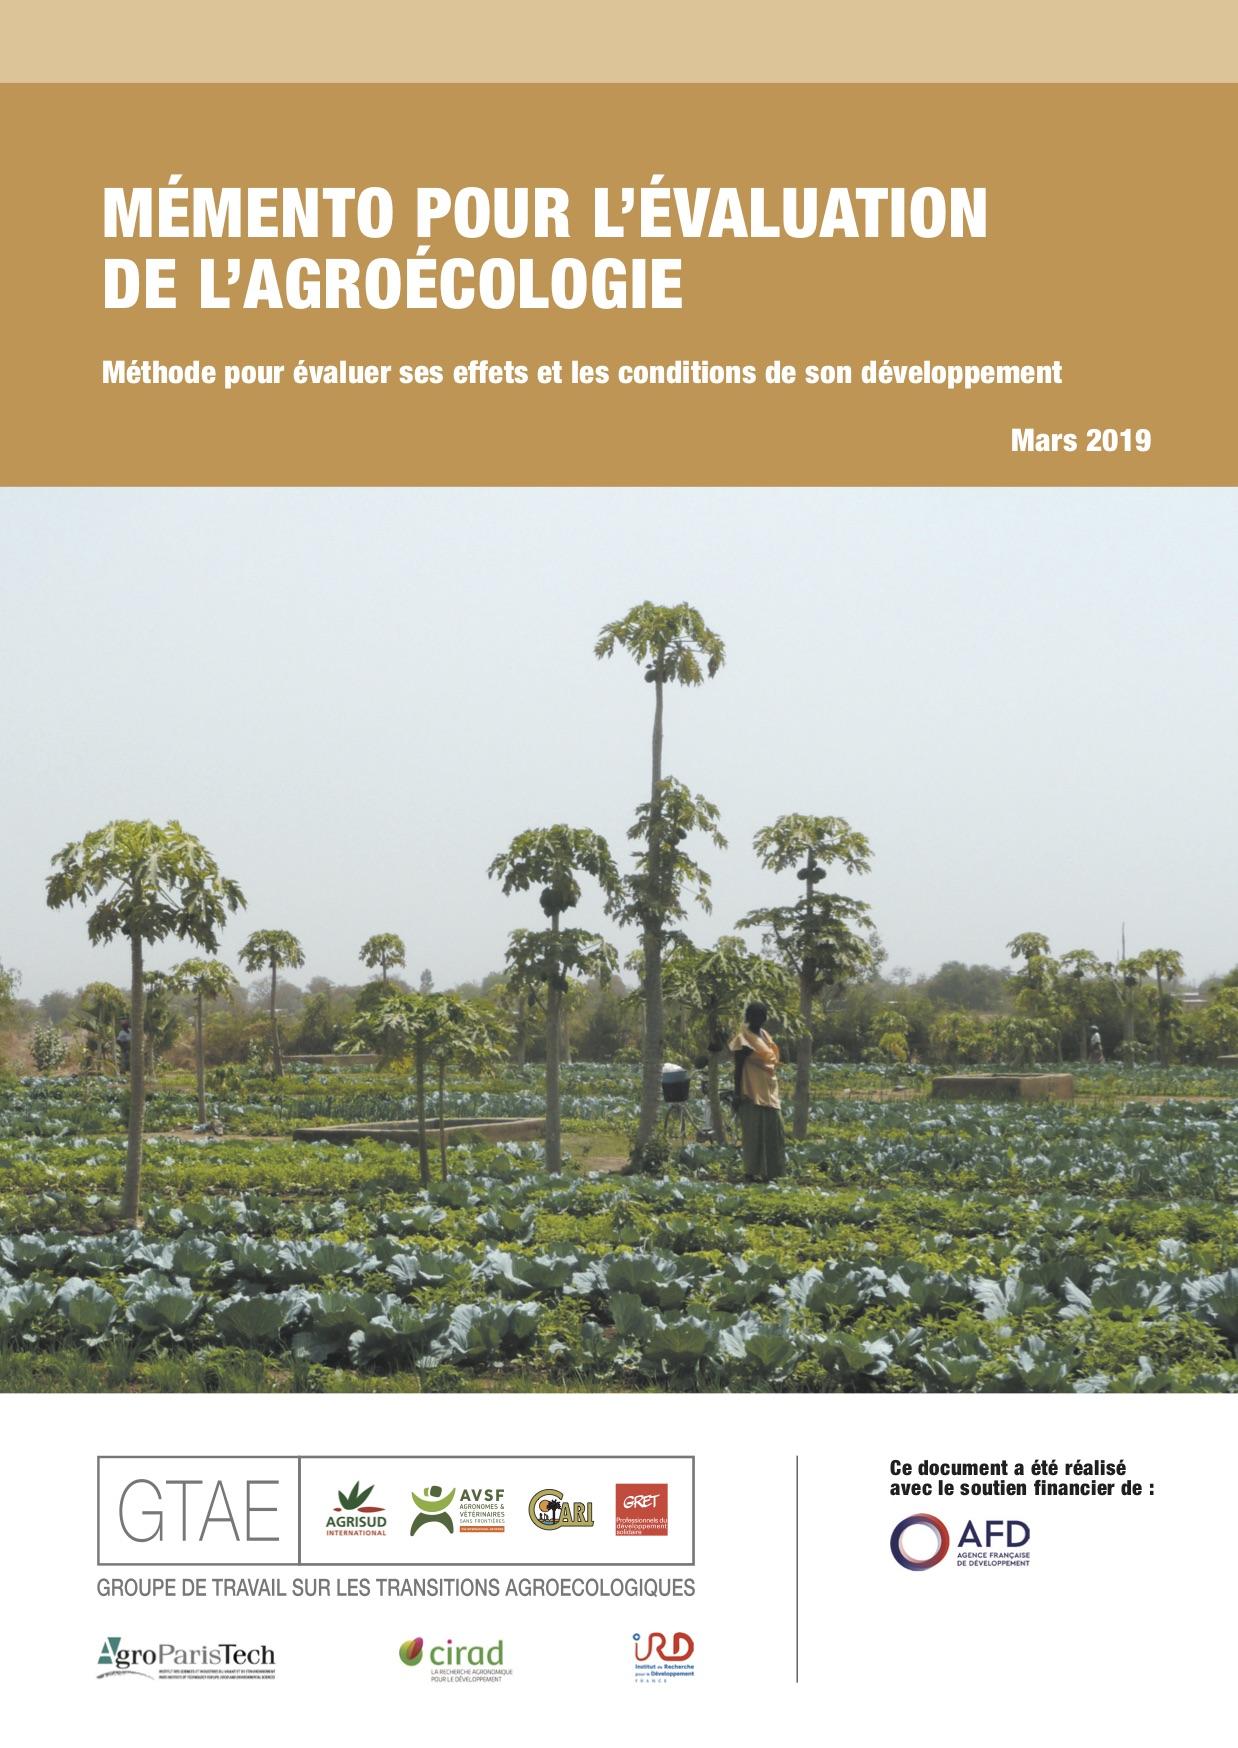 Mémento pour l'évaluation de l'agroécologie Image principale